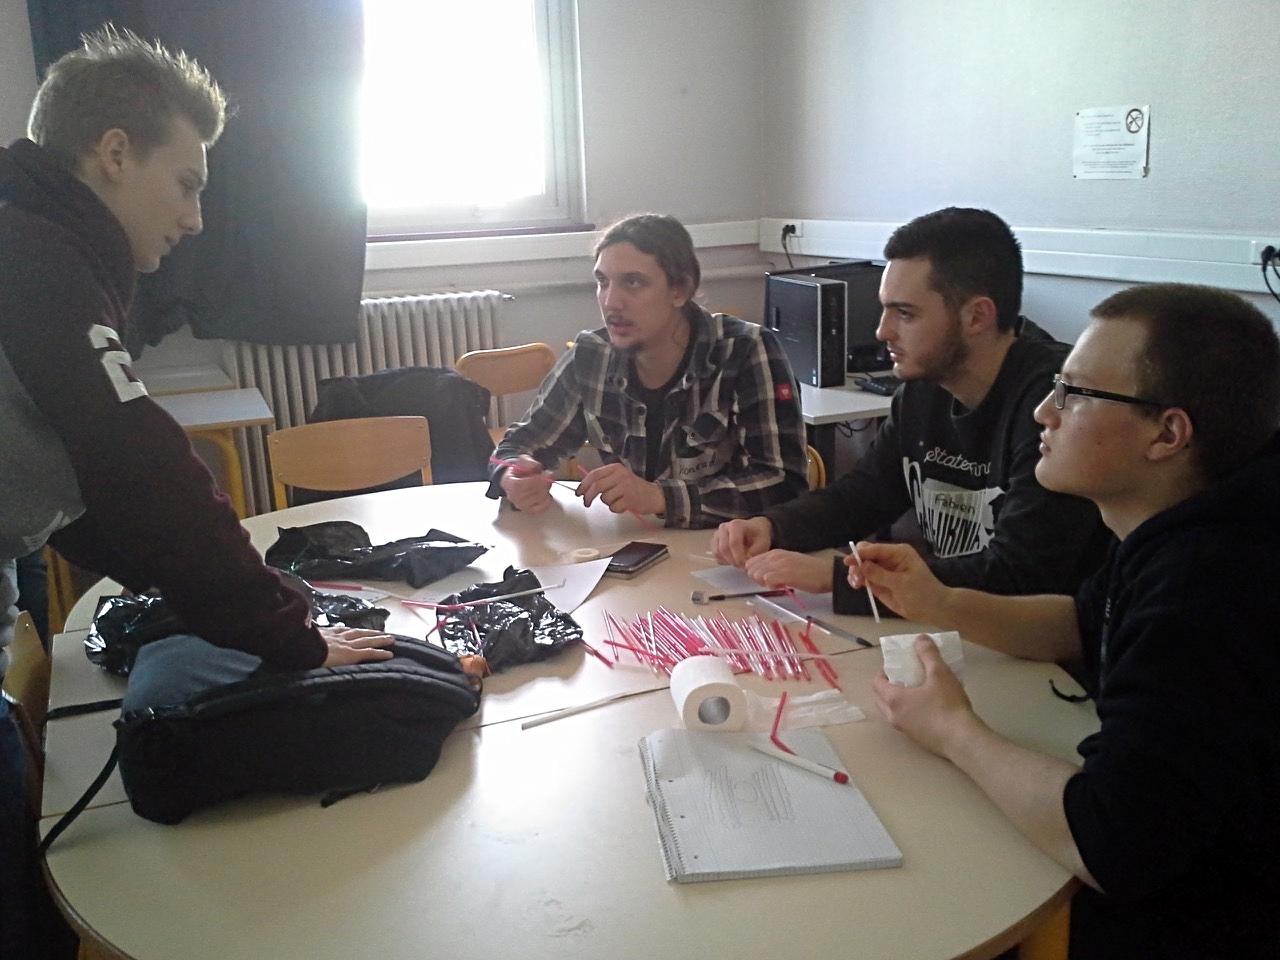 rechts Thorben Grieger, zweiter von links Konrad Steinhauer, BG12, französische Schüler